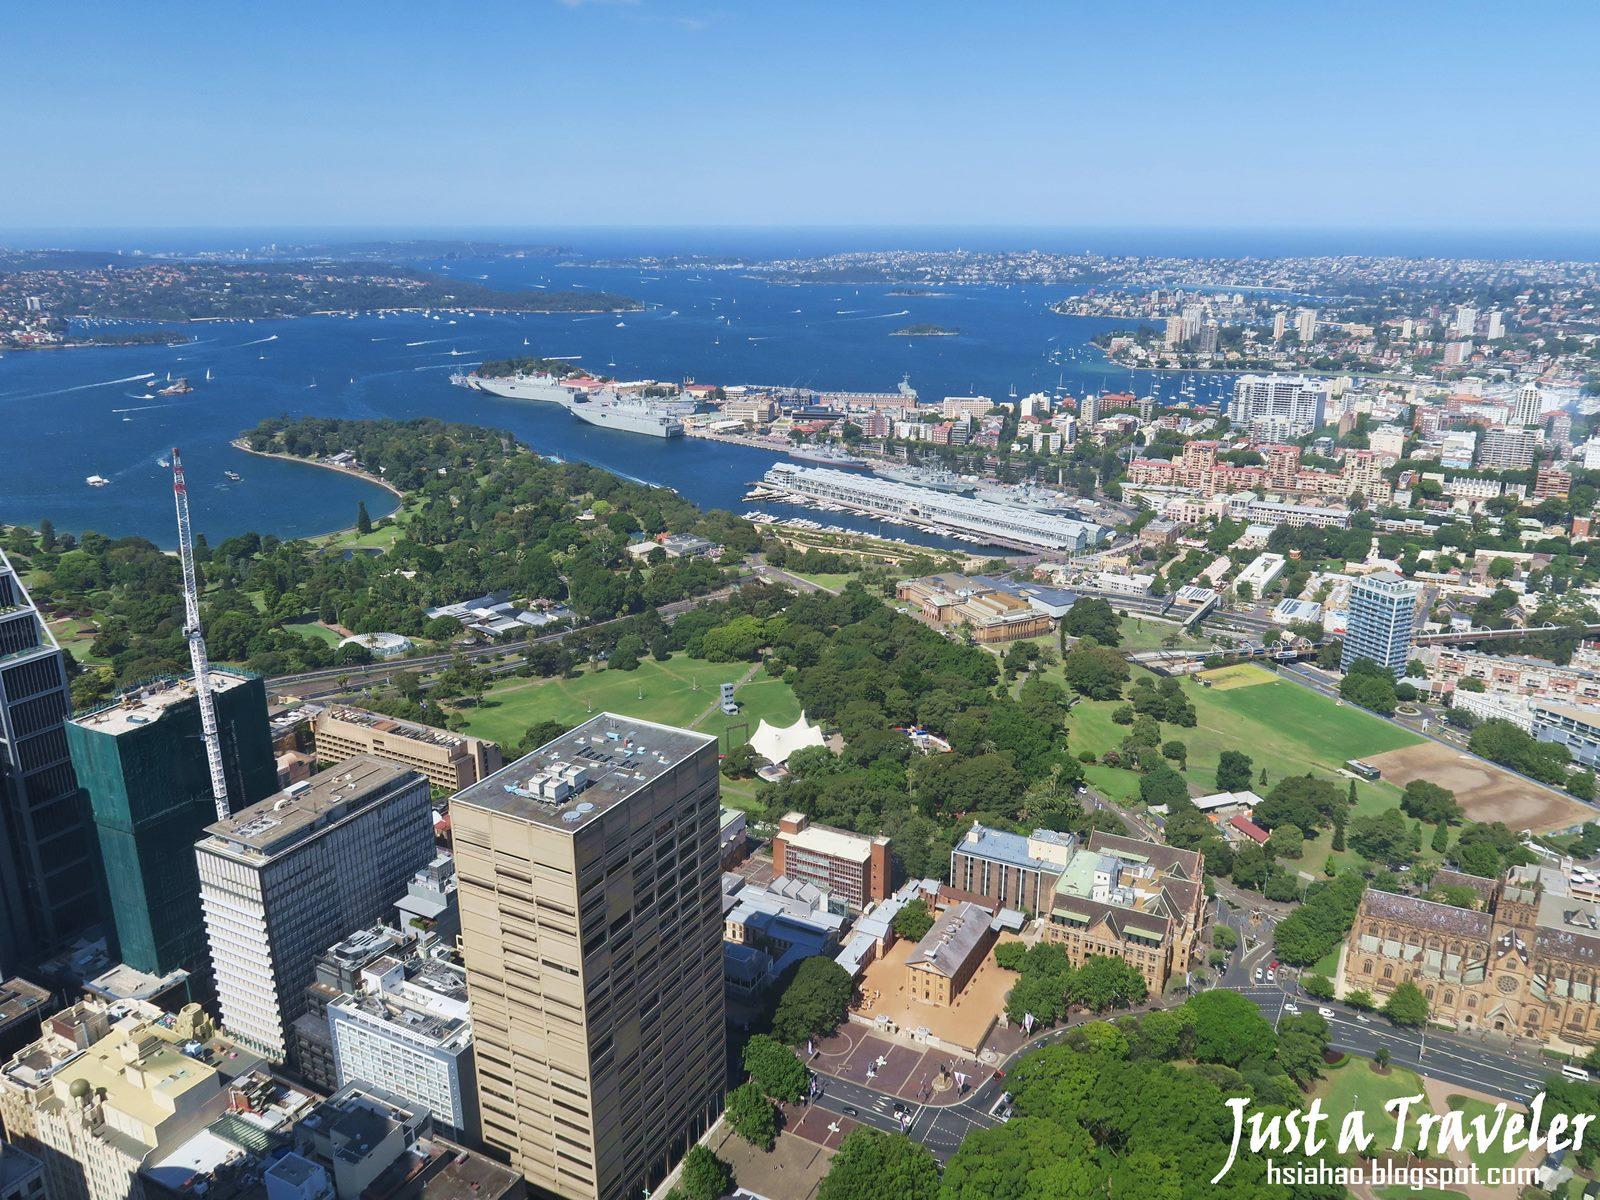 雪梨-悉尼-景點-推薦-雪梨塔-悉尼塔-優惠券-自由行-套票-旅遊-澳洲-Sydney-Tower-Eye-Tourist-Attraction-Travel-Australia